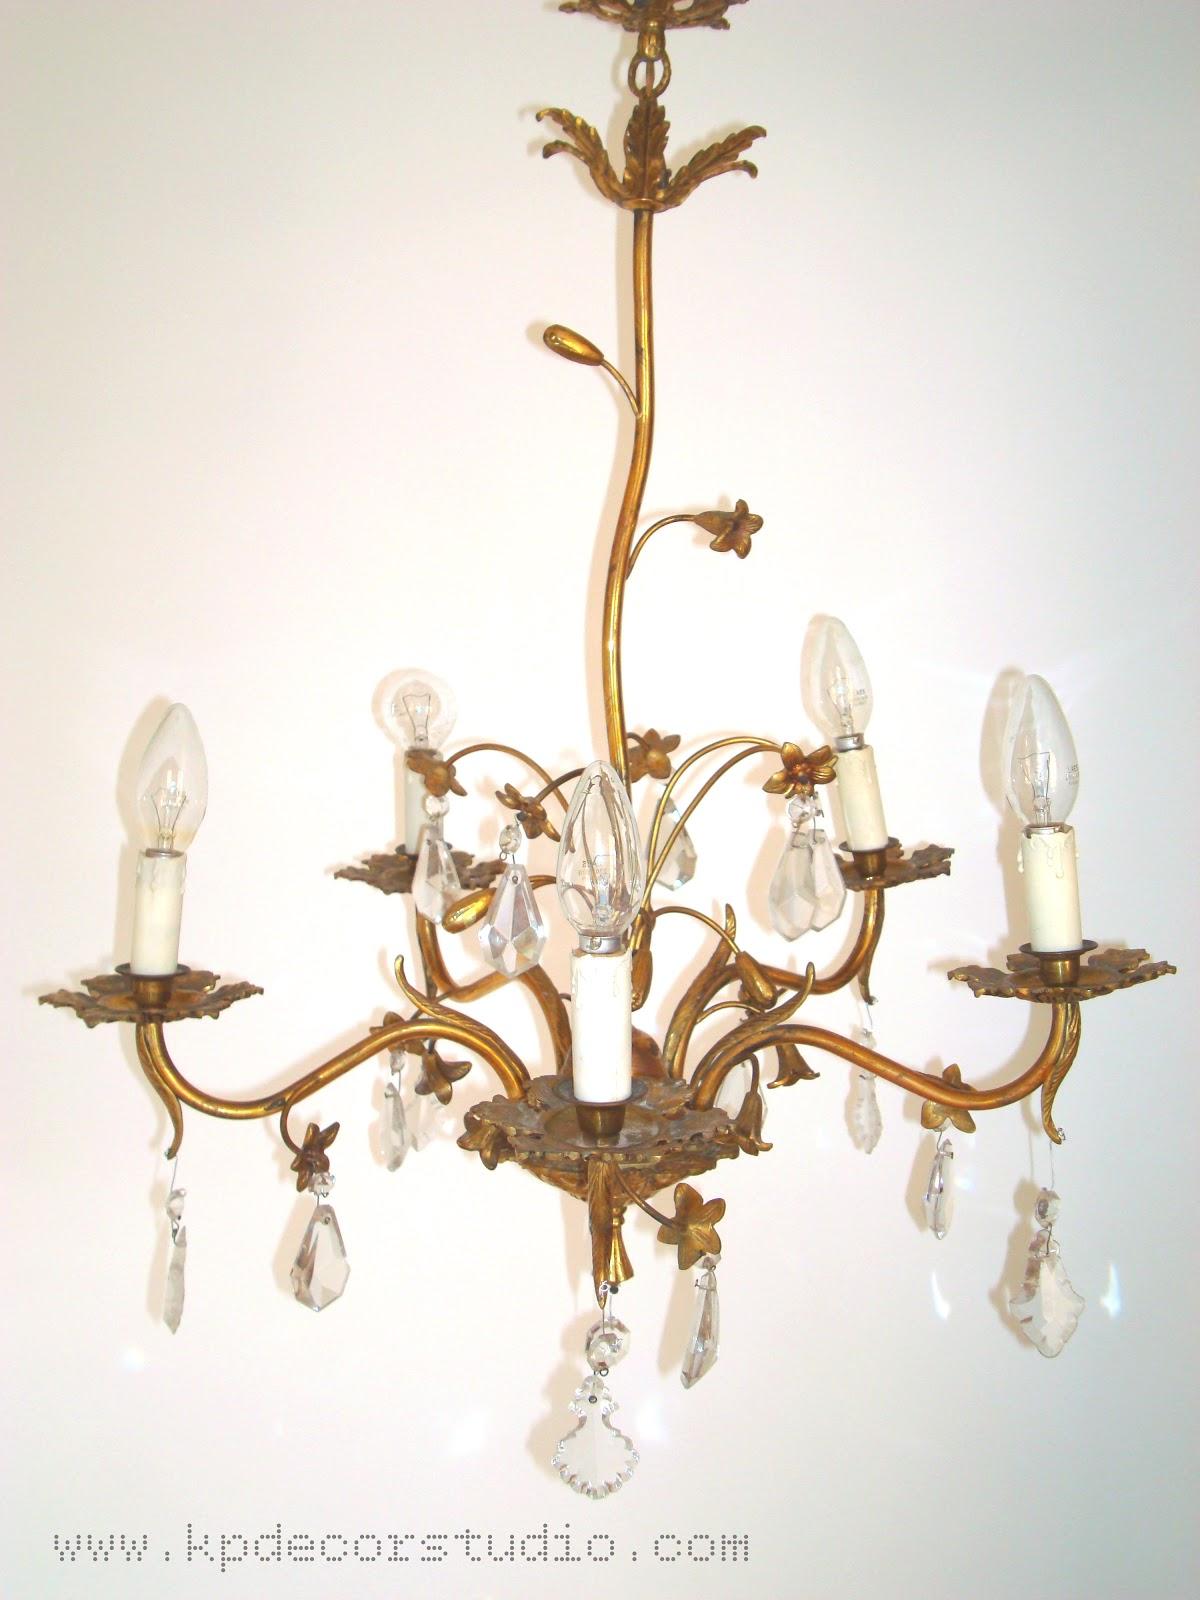 Kp decor studio l mpara de l grimas a os 50 chandelier for Lamparas vintage baratas